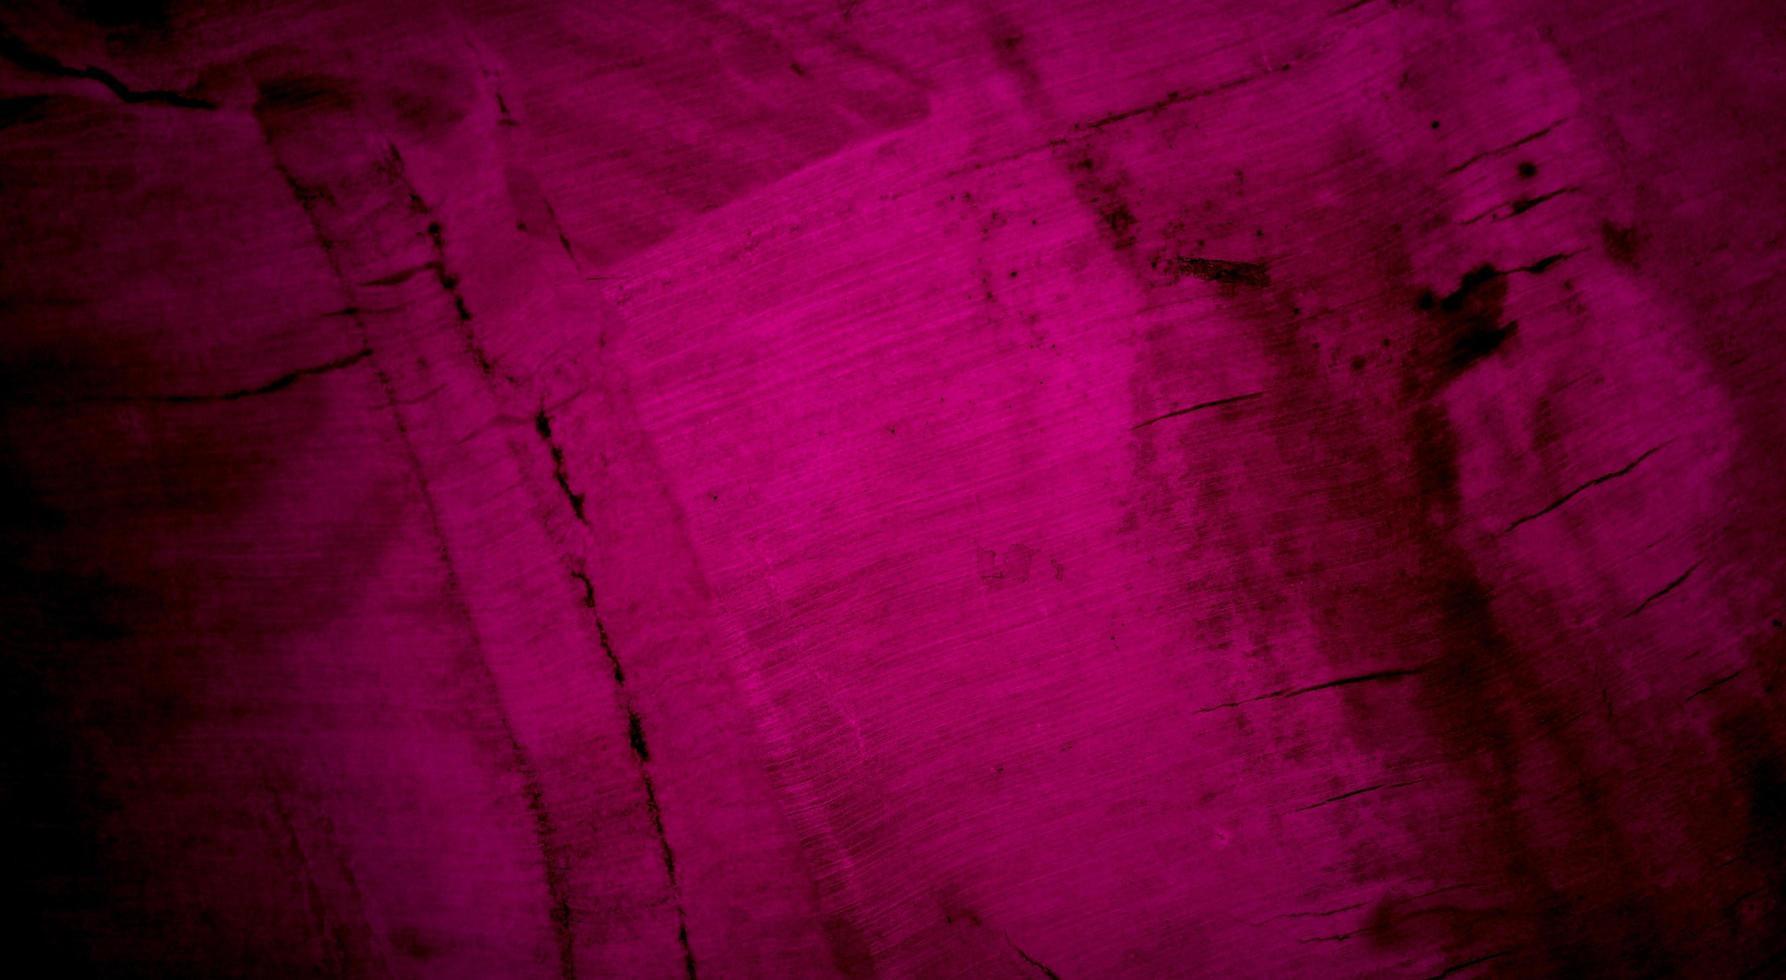 trama di marmo rosa scuro foto